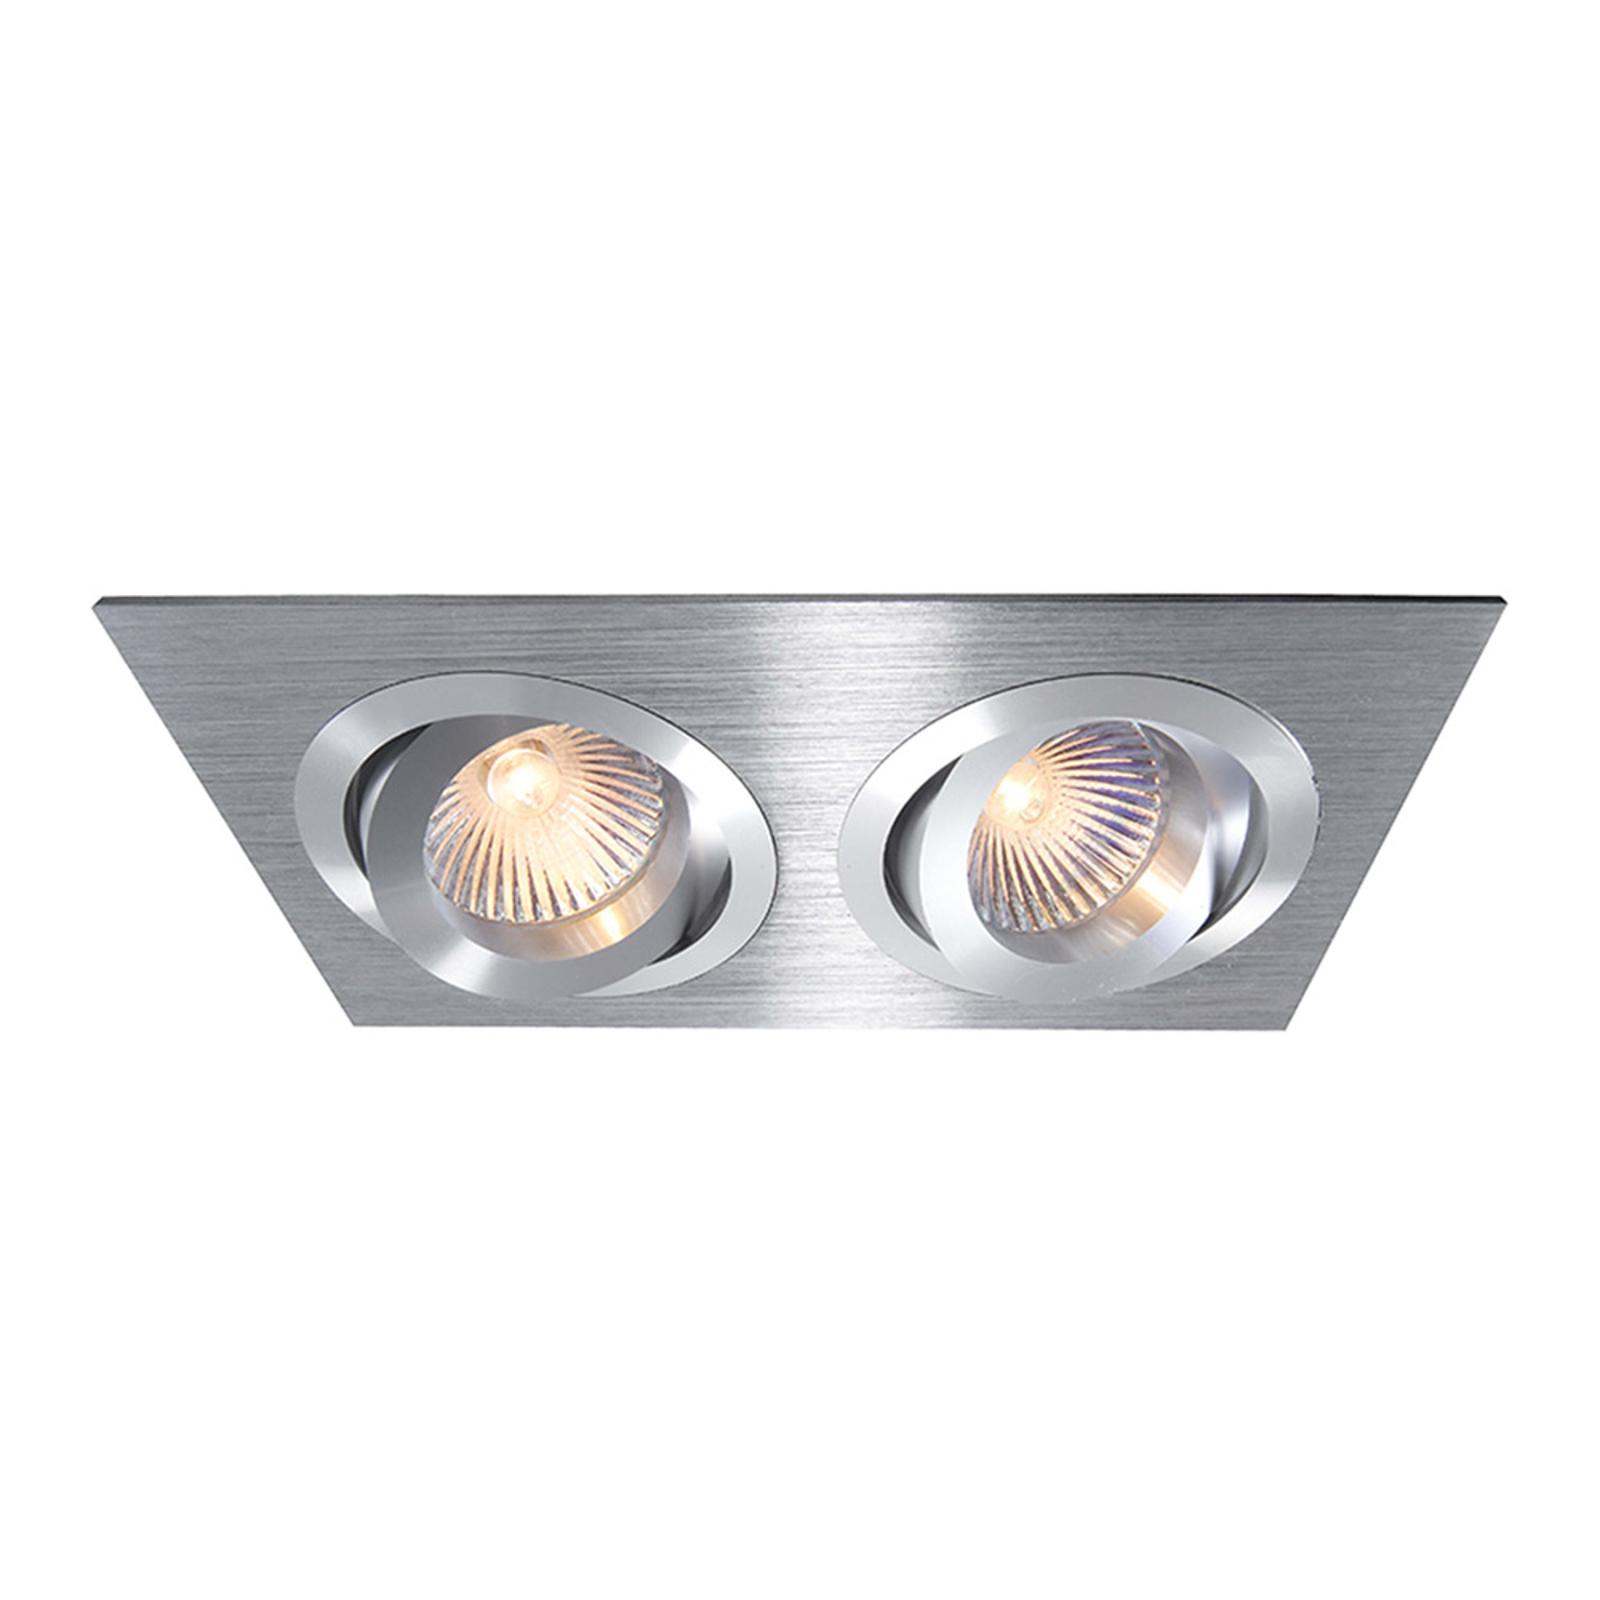 2-bulb pivotable aluminium recessed light_2501077_1